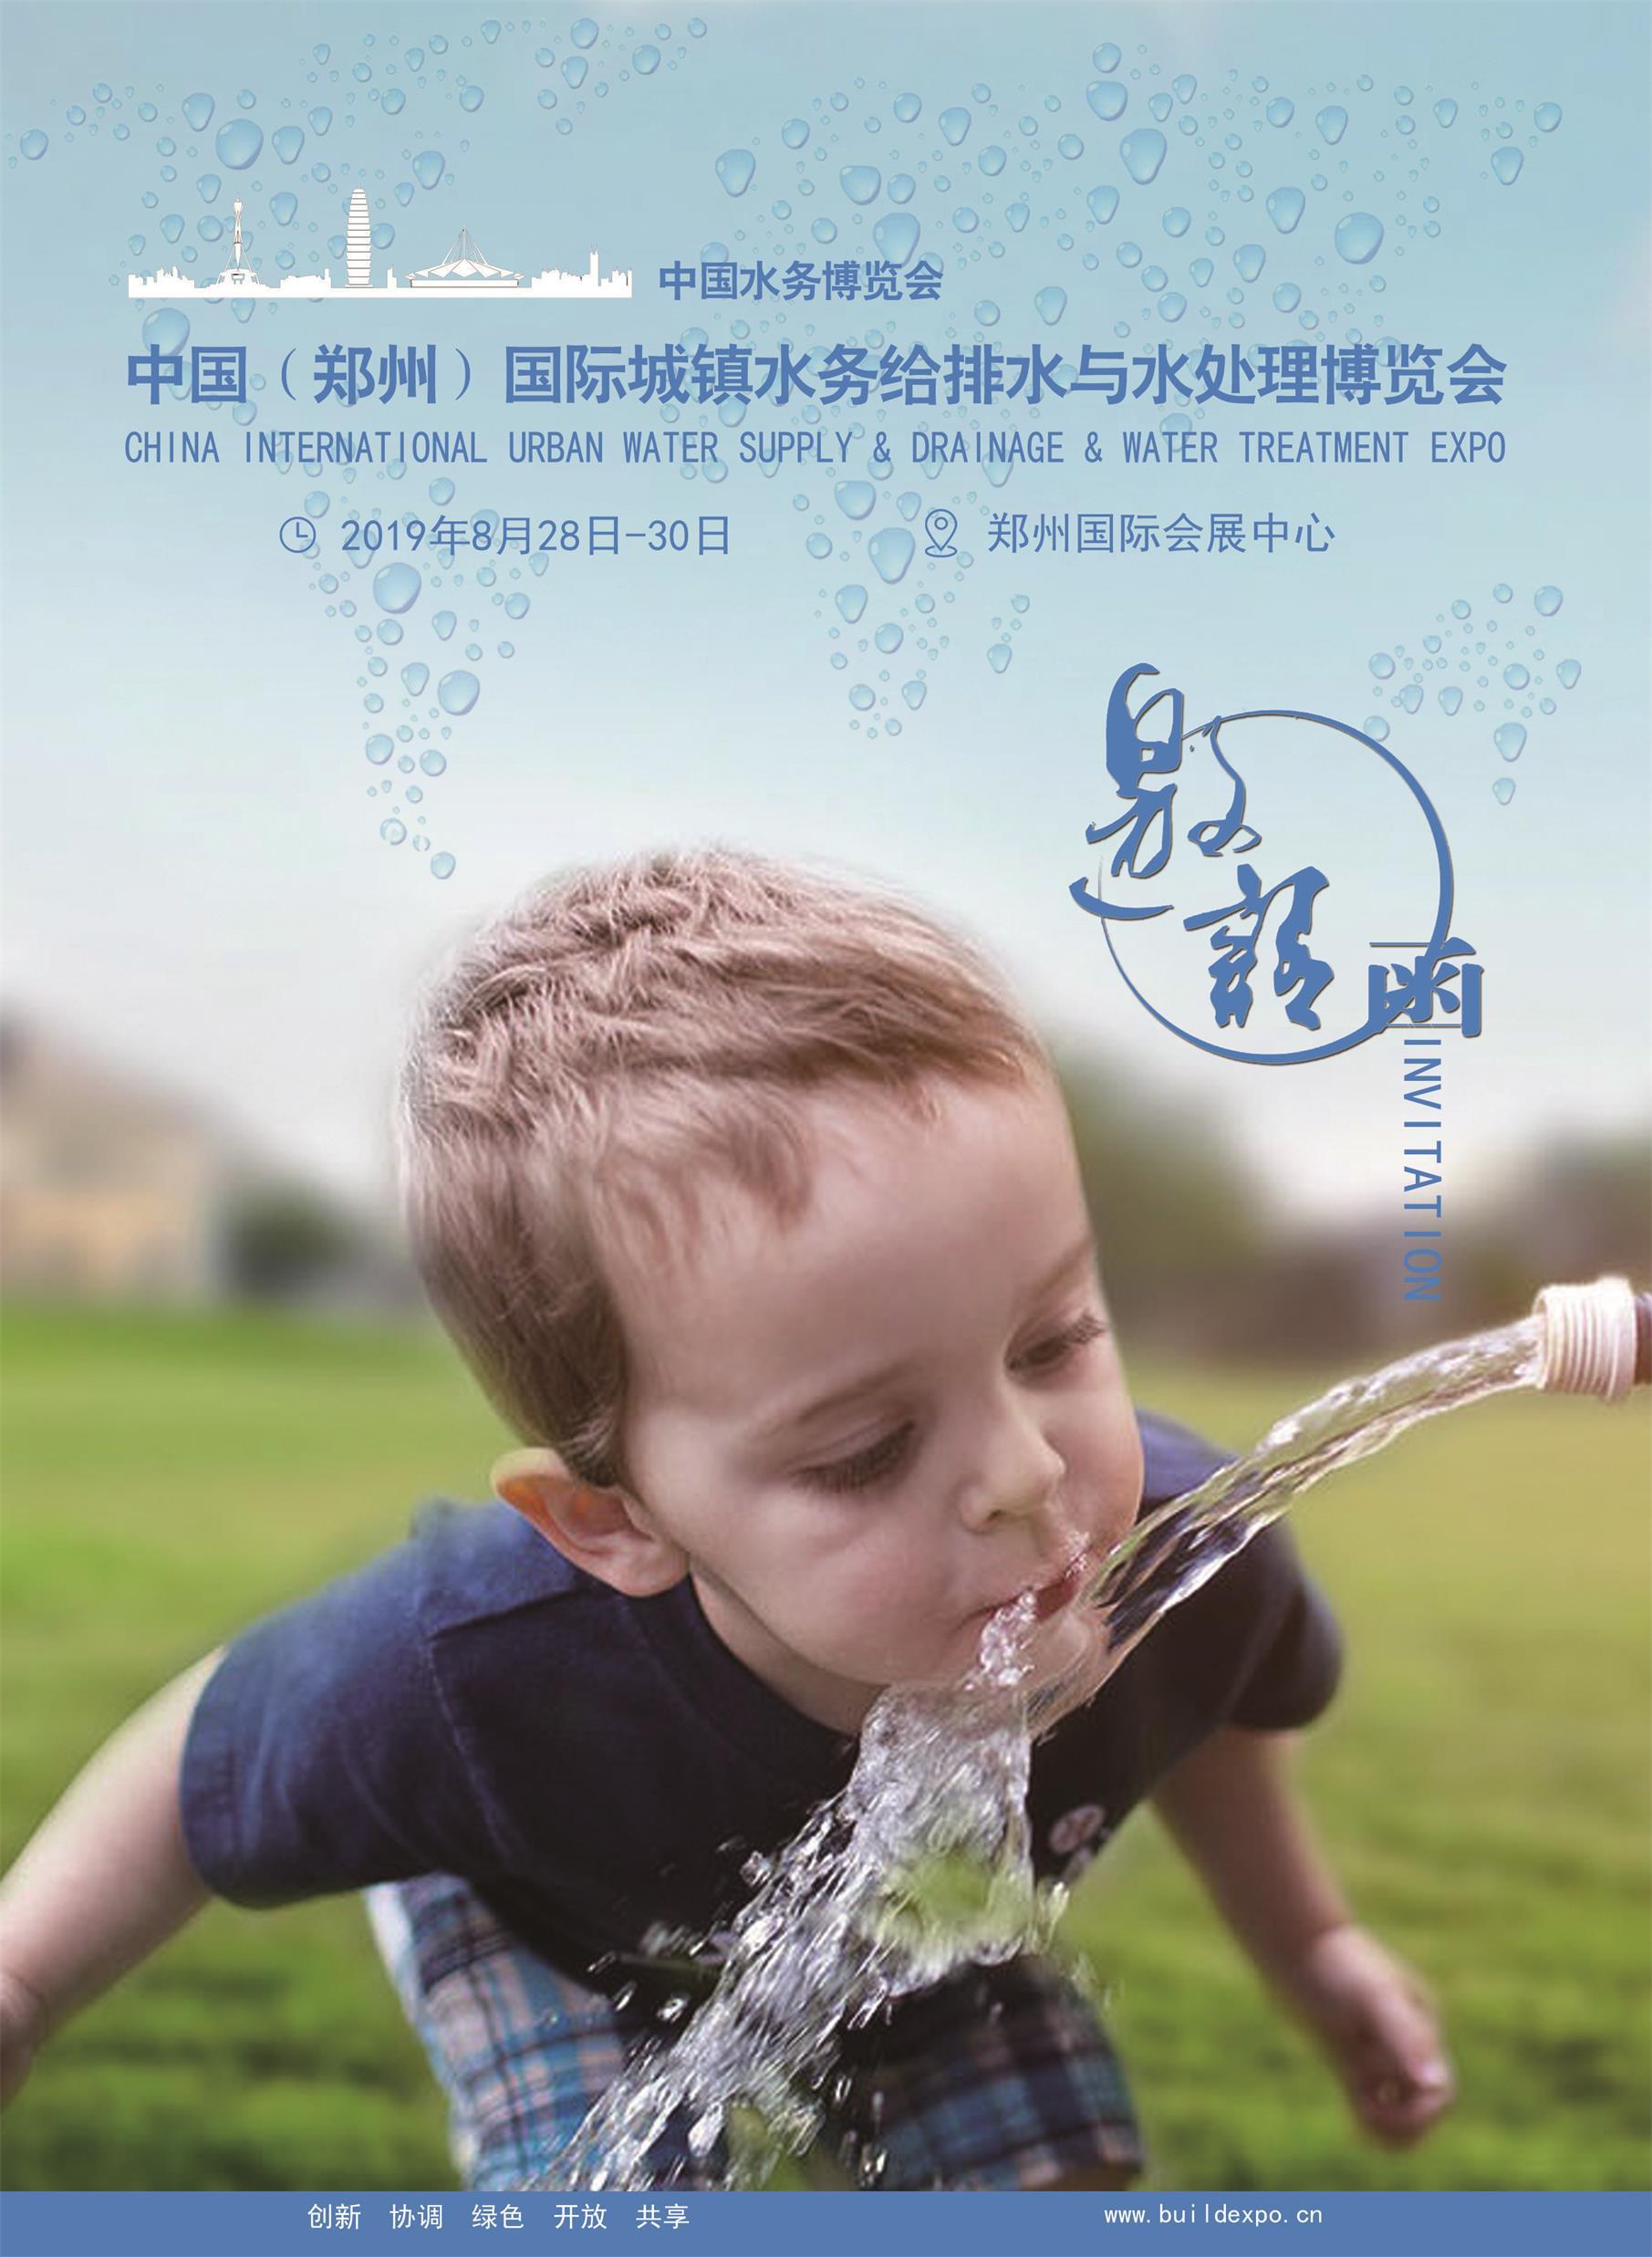 中国(郑州)国际城镇水务给排水与水处理博览会